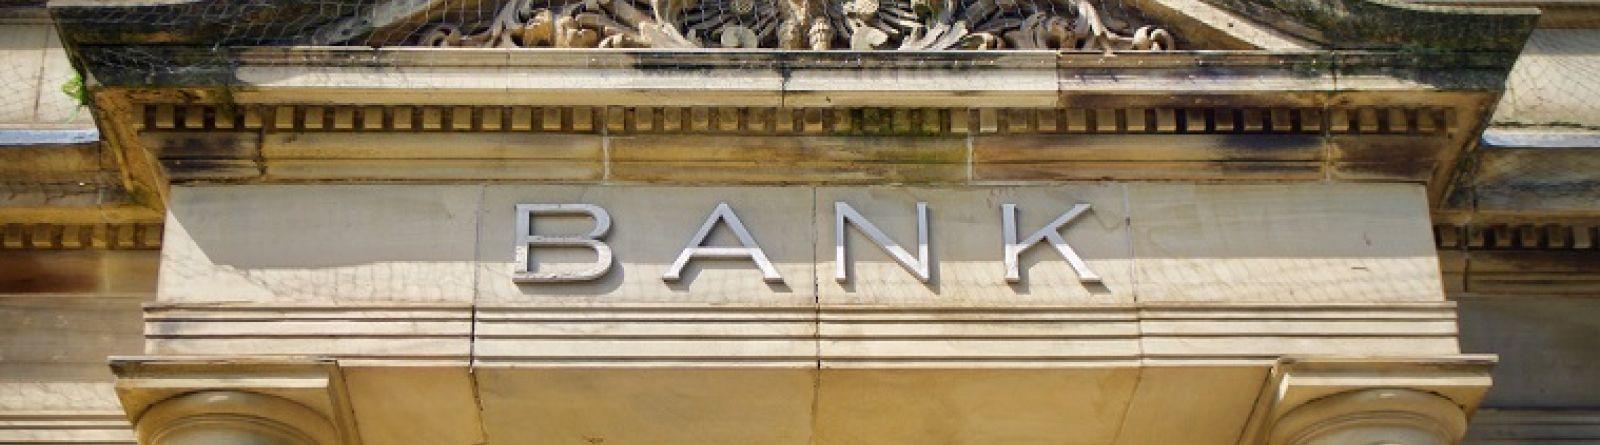 Banca Finint, Al via un nuovo deposito per gestire al meglio la liquidità